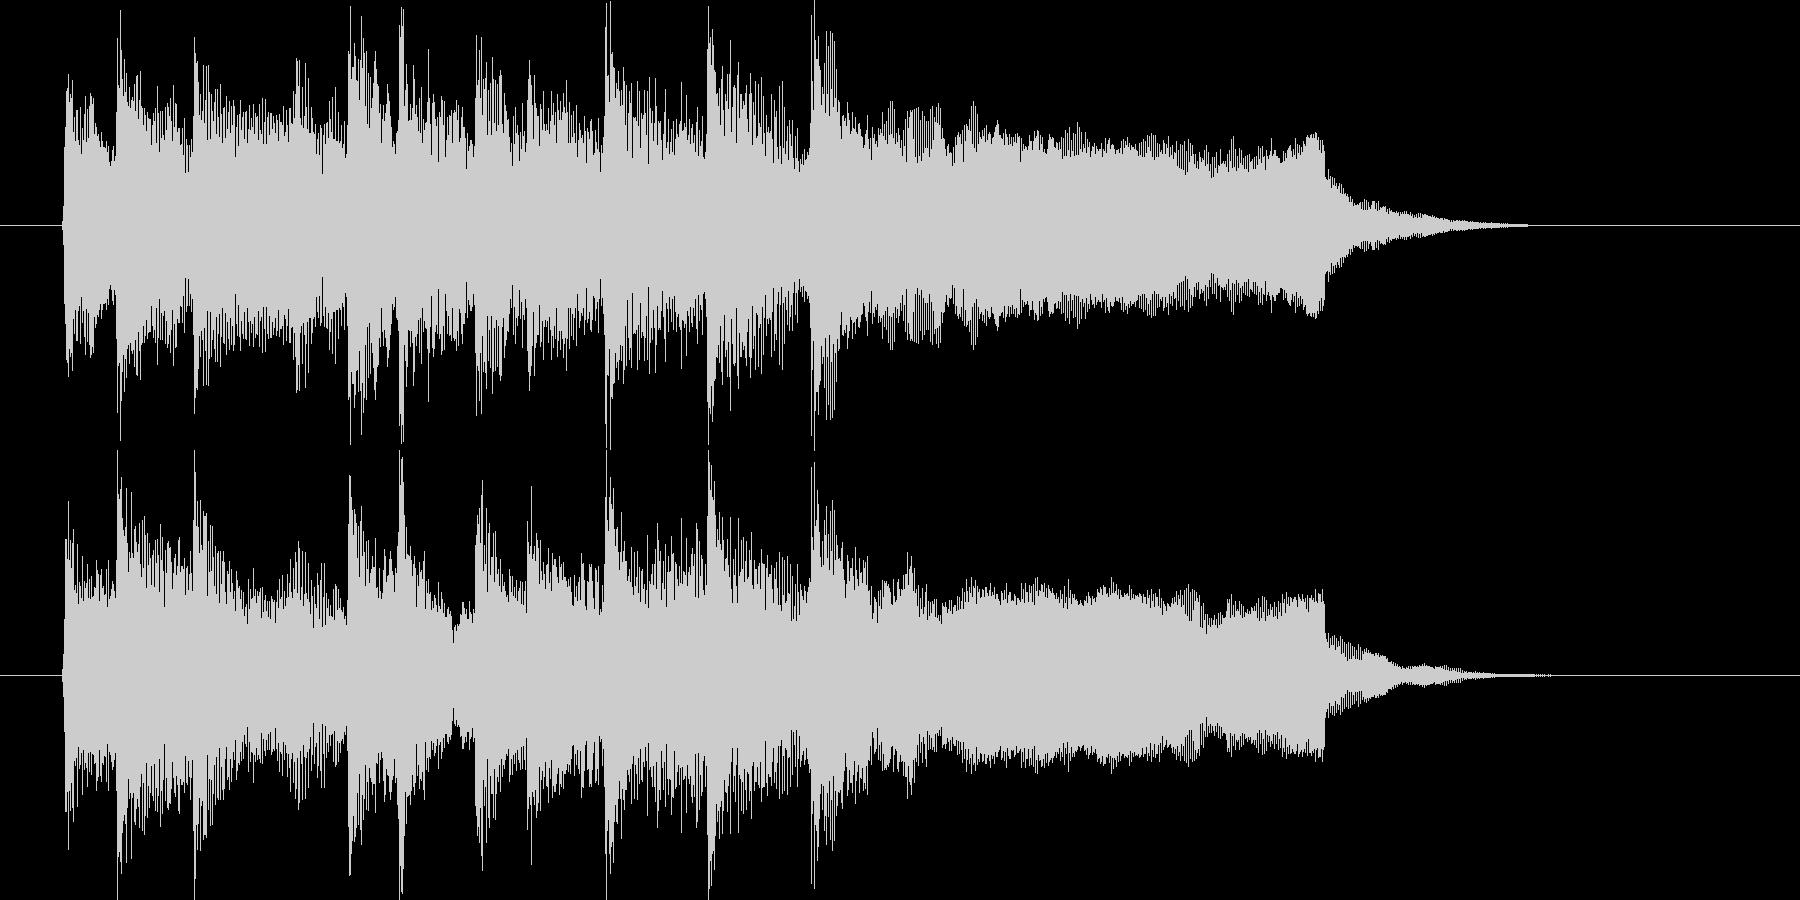 メロディアスで優しいピアノジングルの未再生の波形